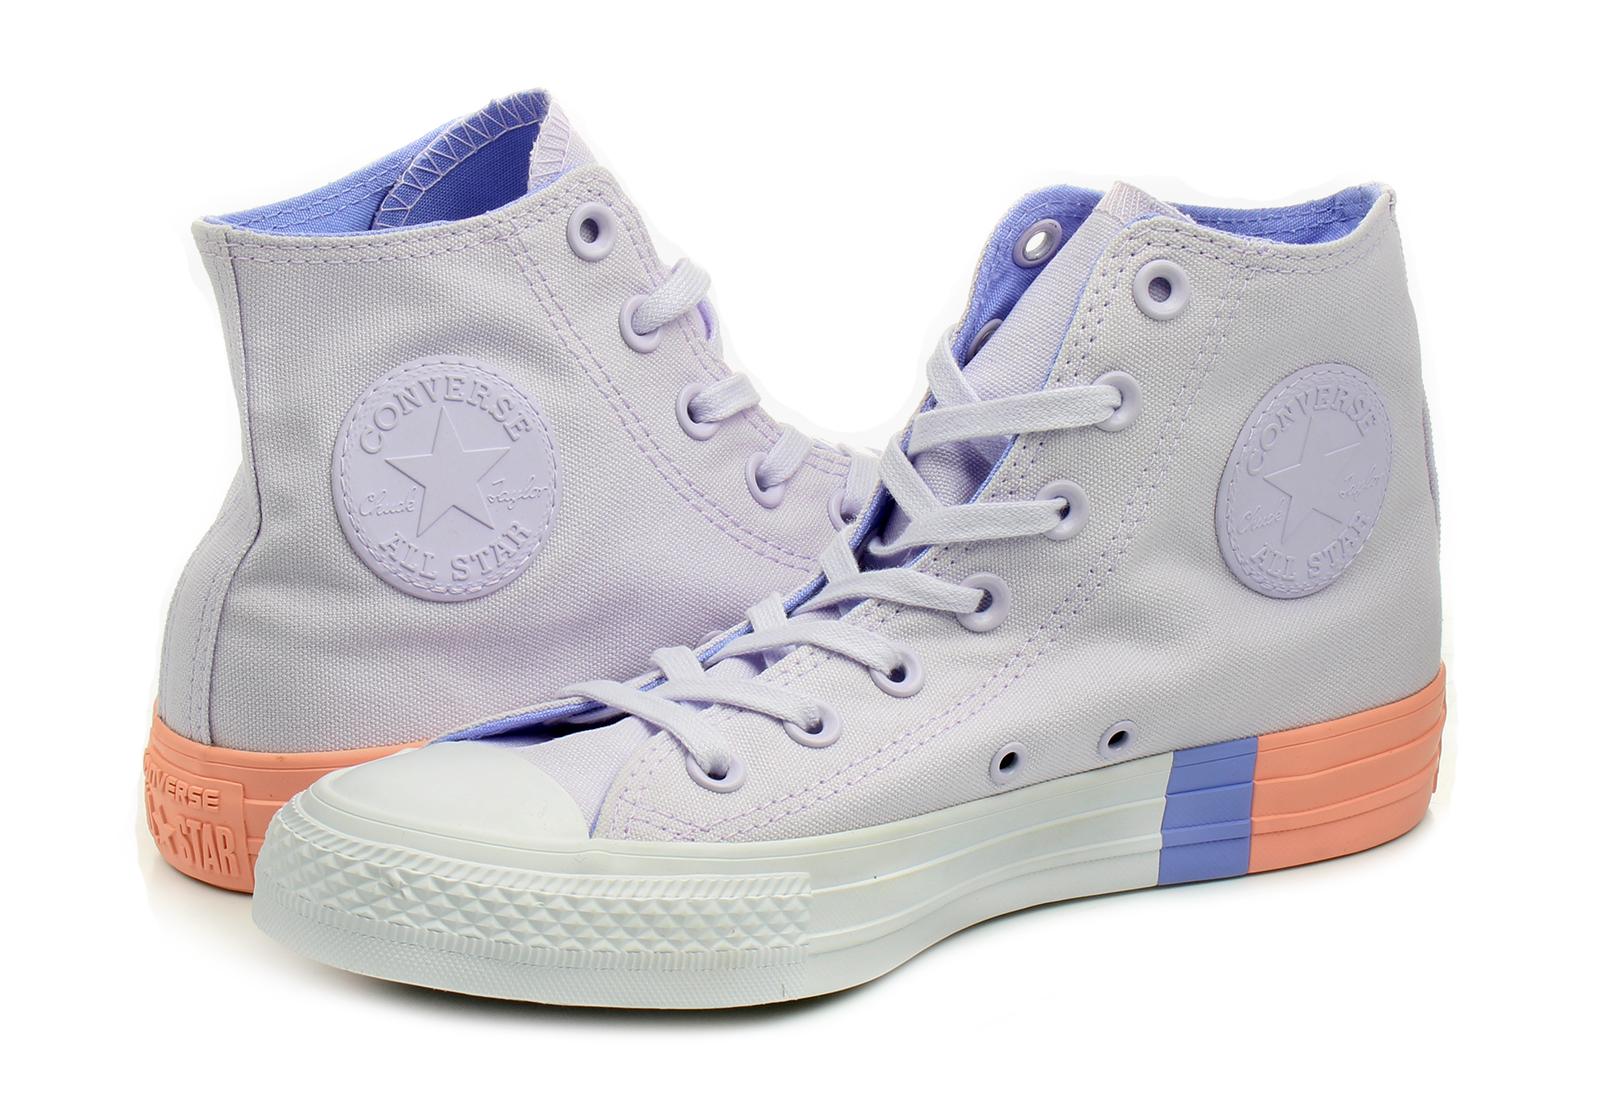 0177049a1fc Converse Sneakers - Chuck Taylor All Star Tri-block Hi - 159520C ...